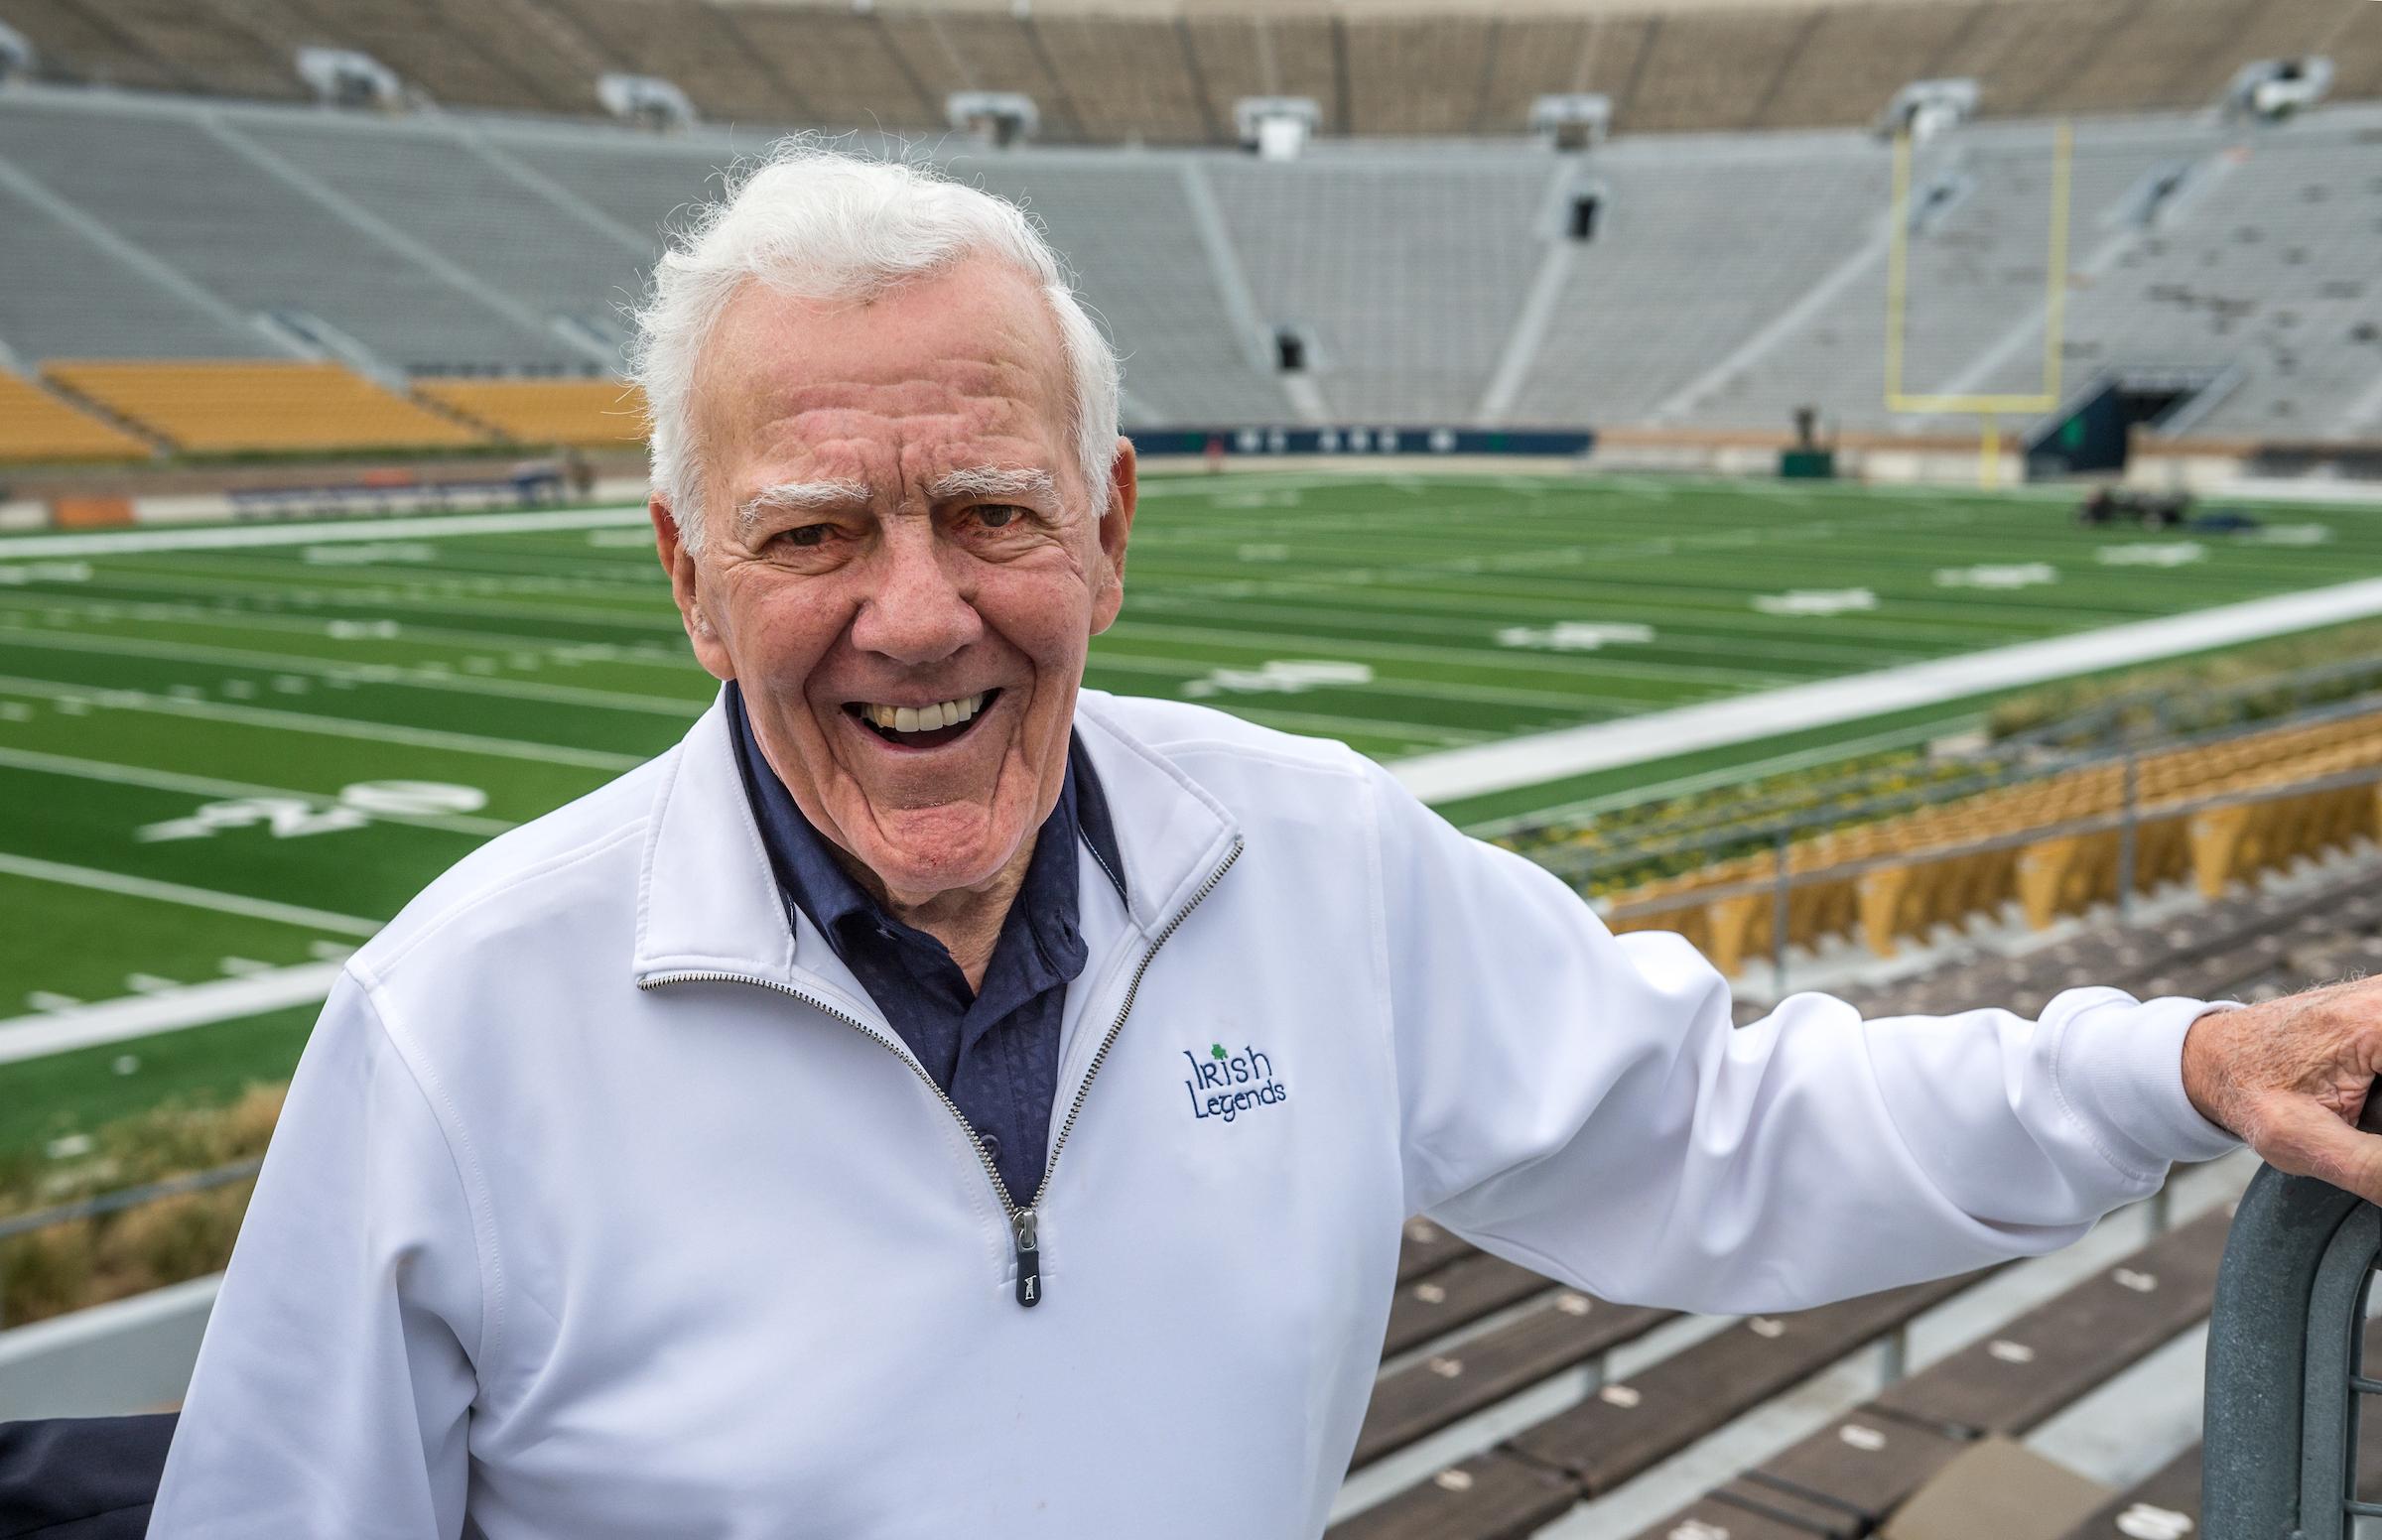 794b7f937e1 Former Notre Dame coach Ara Parseghian dies at age 94 | News | Notre ...